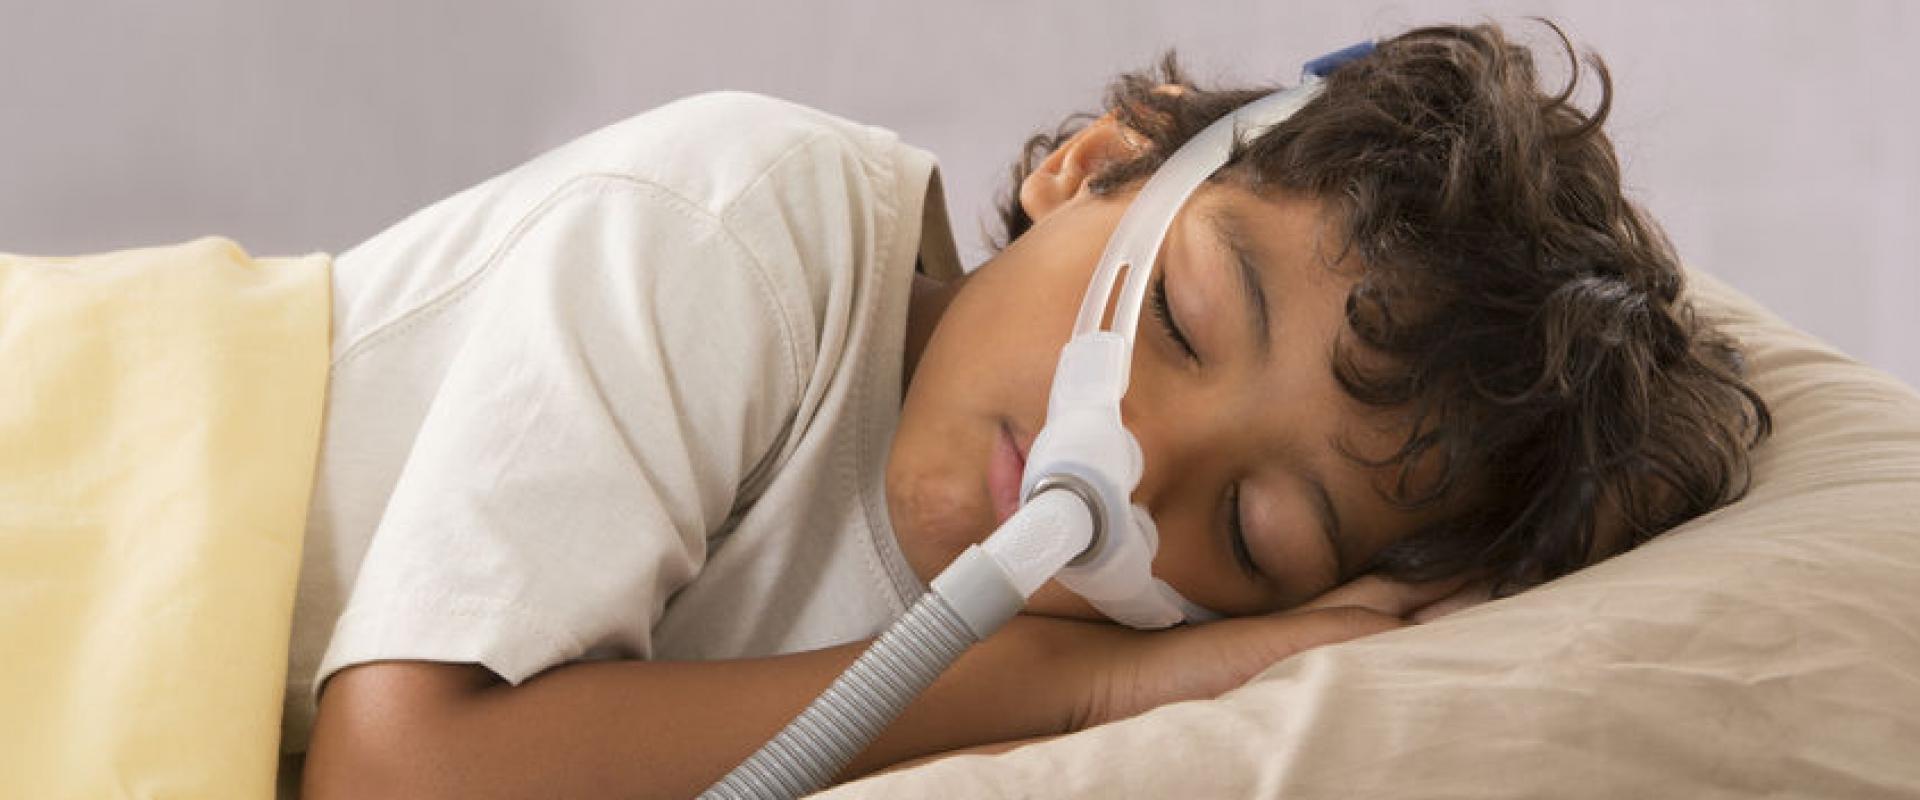 Le manque de sommeil nuit au bien-être mental des enfants